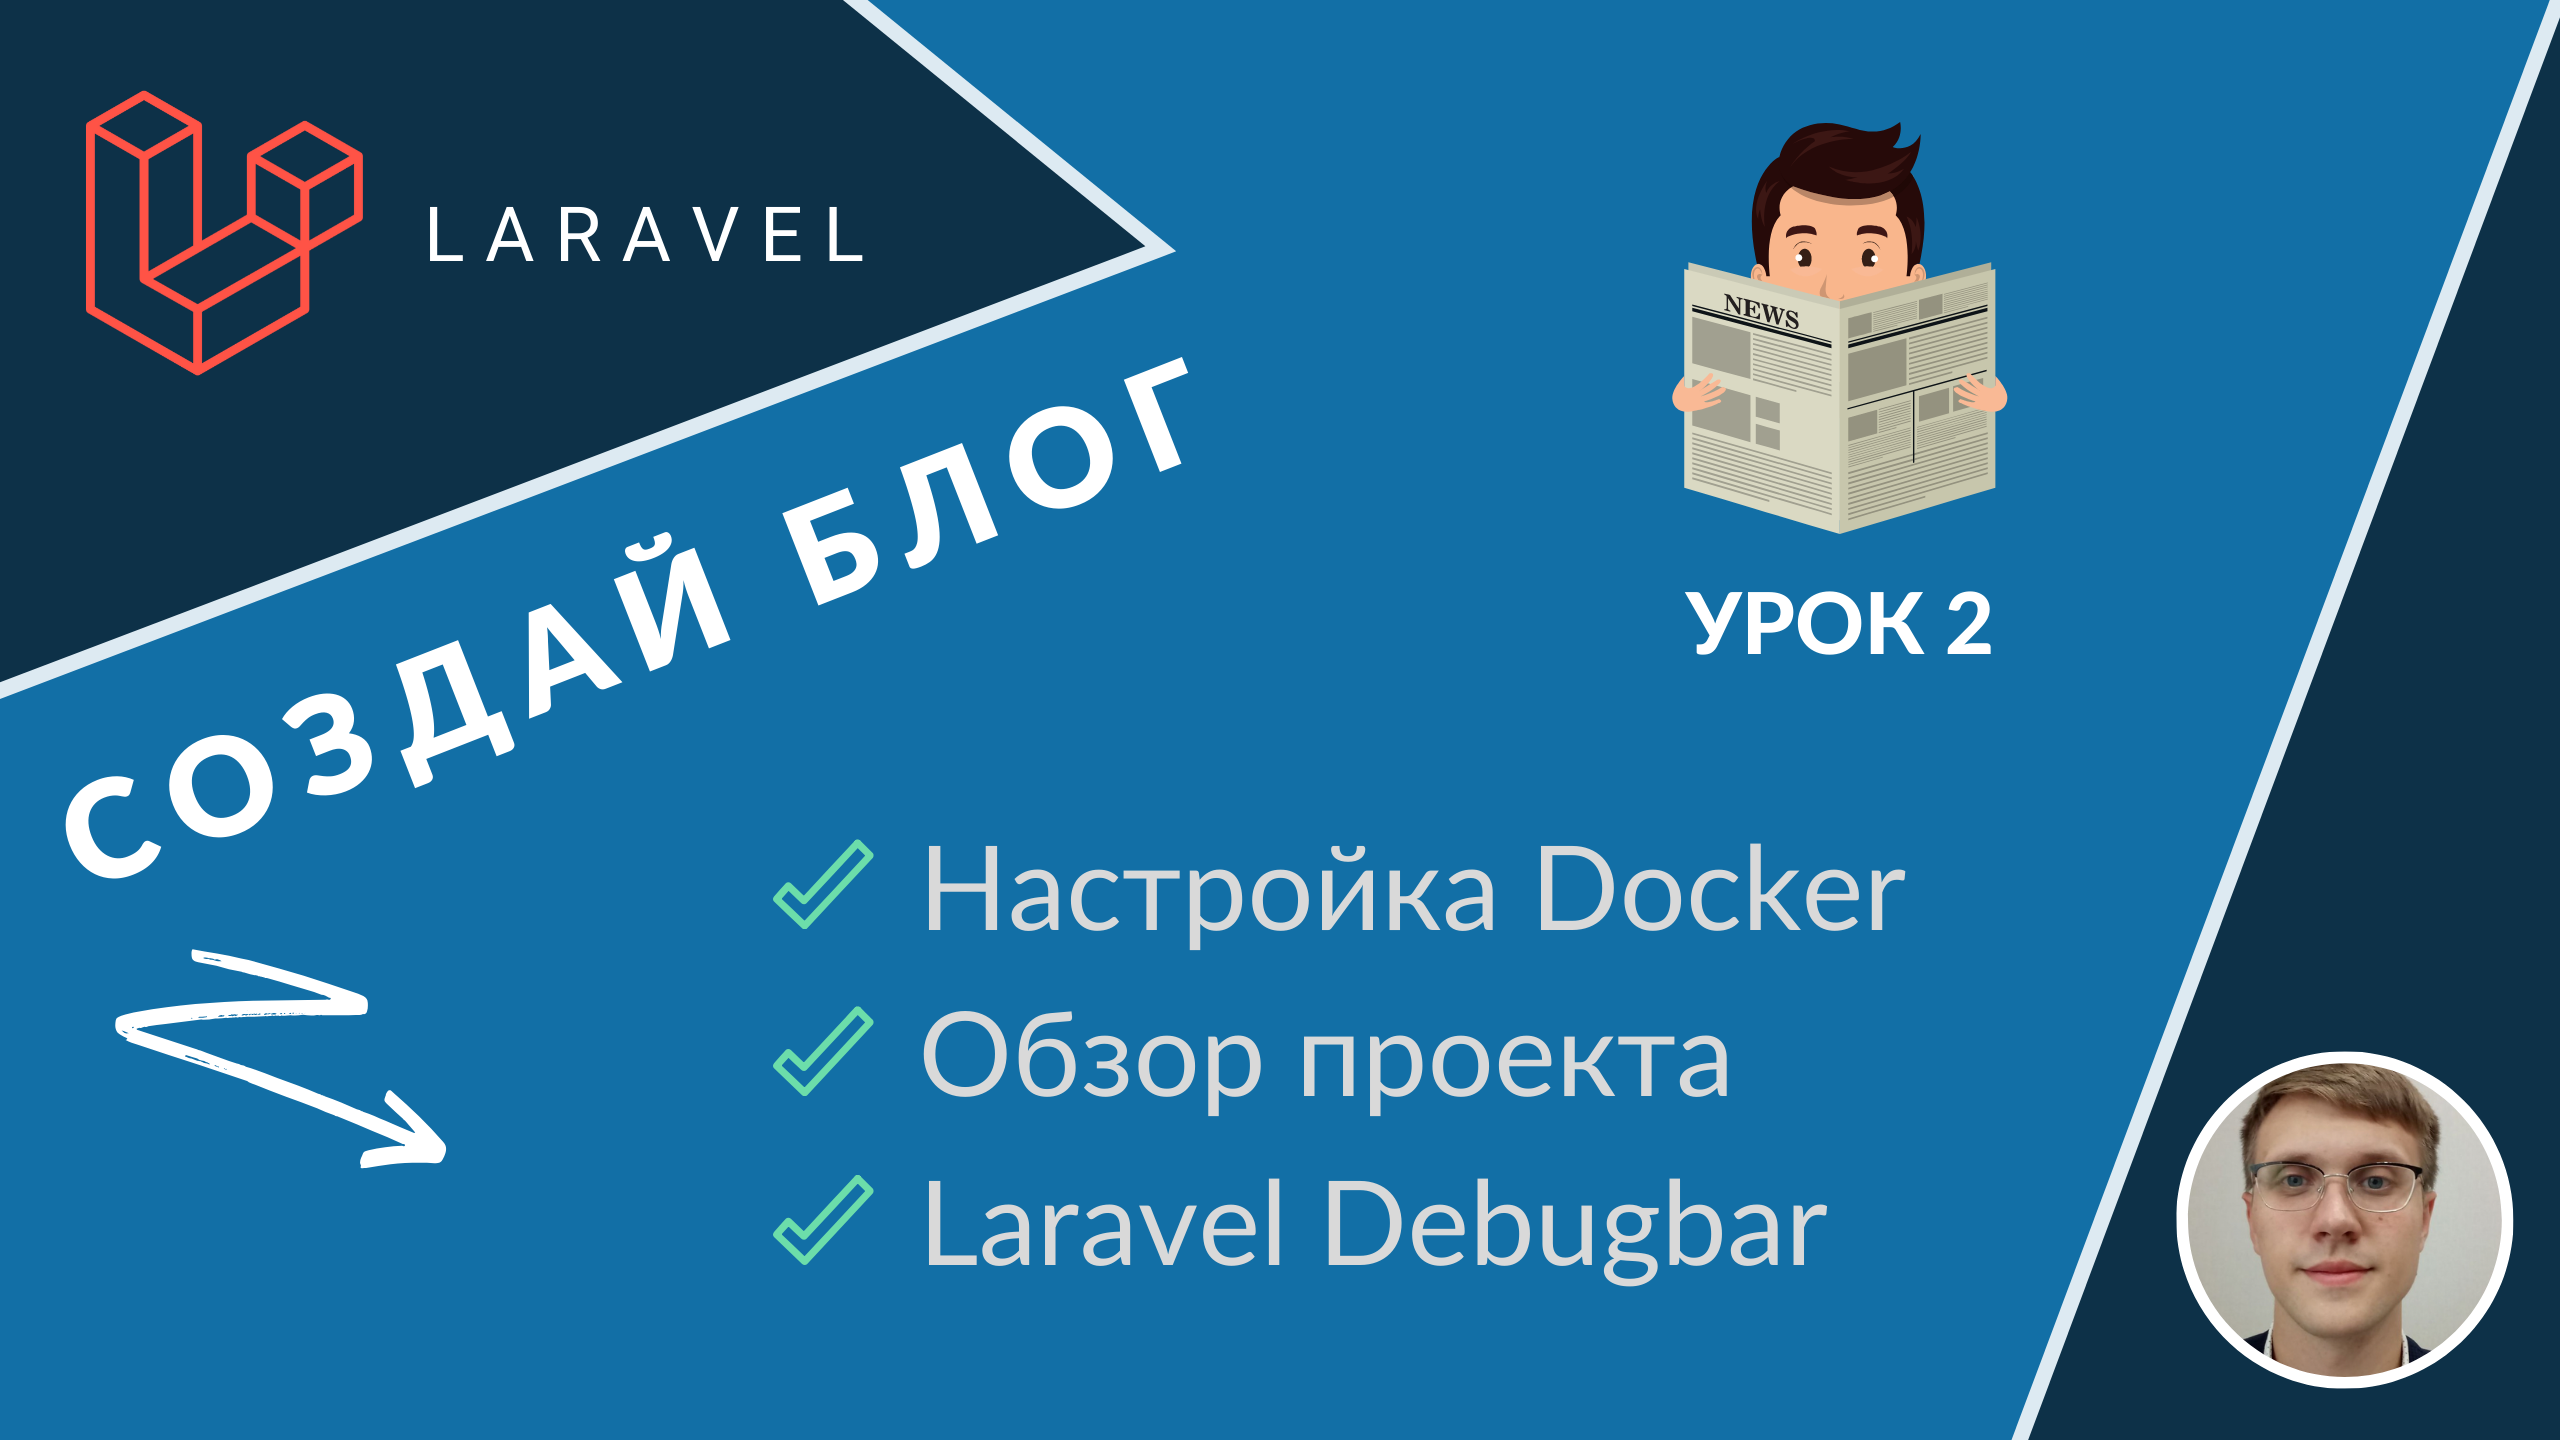 Создание блога. Урок 2 - Настройка Docker, Обзор проекта, Laravel Debugbar